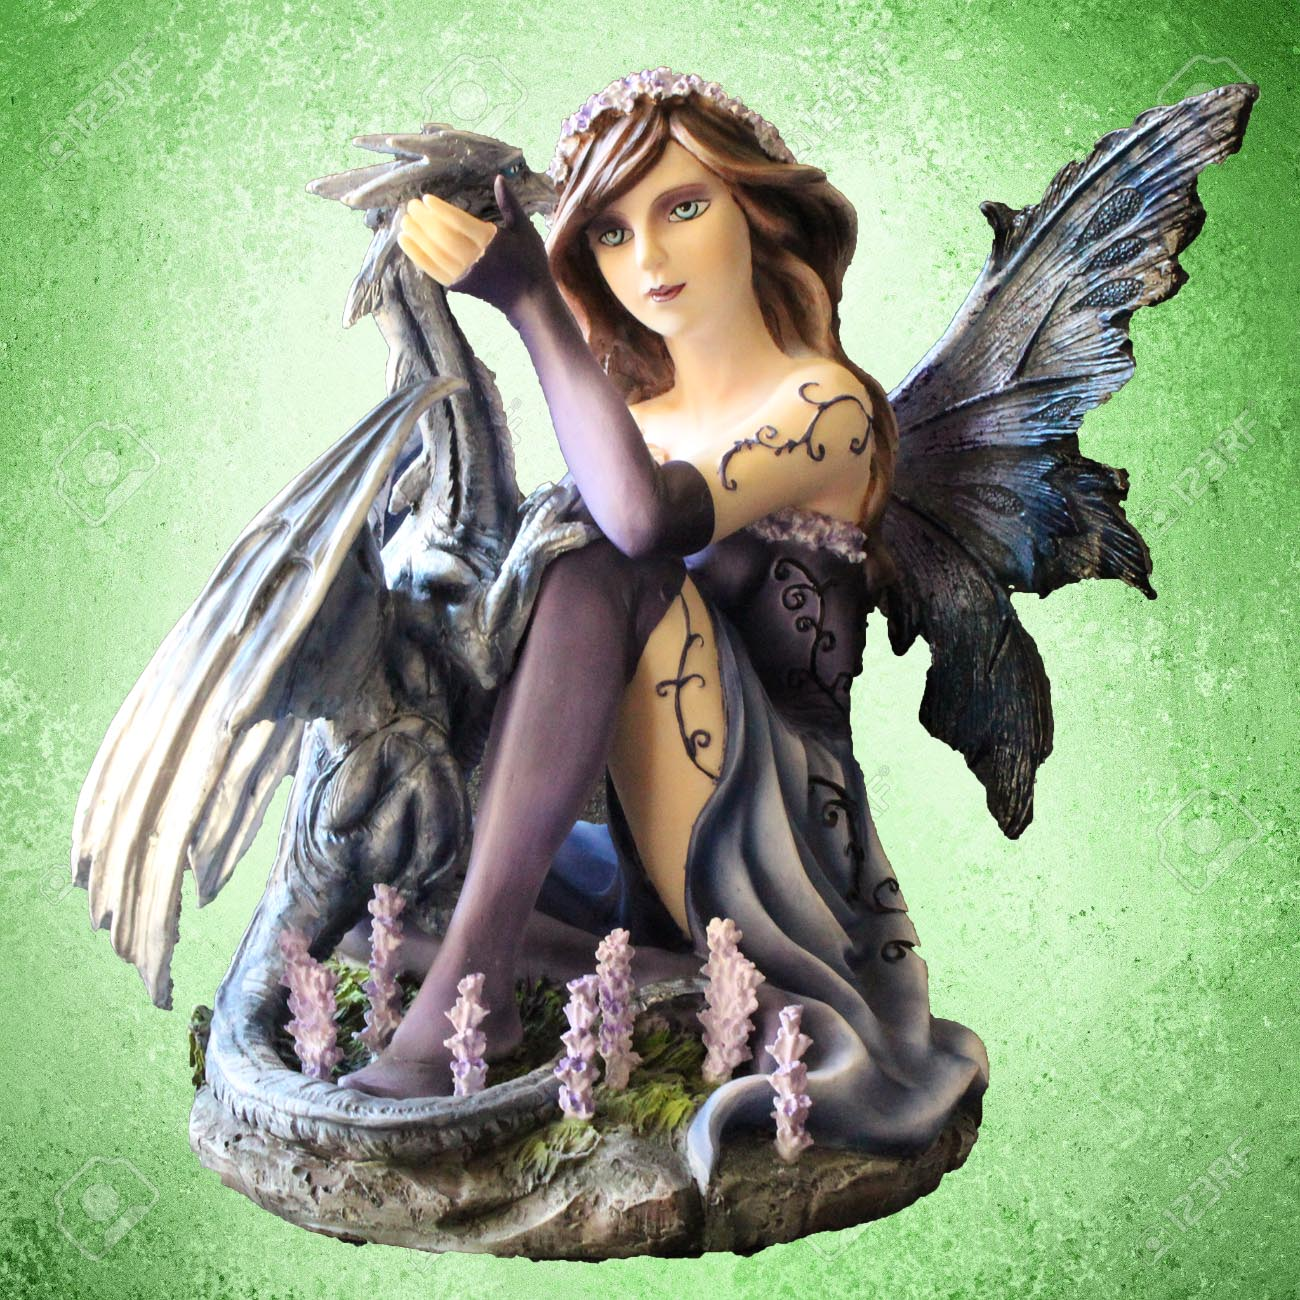 Figurine de fée en ligne pour acheter un cadeau ou déco avec des fées